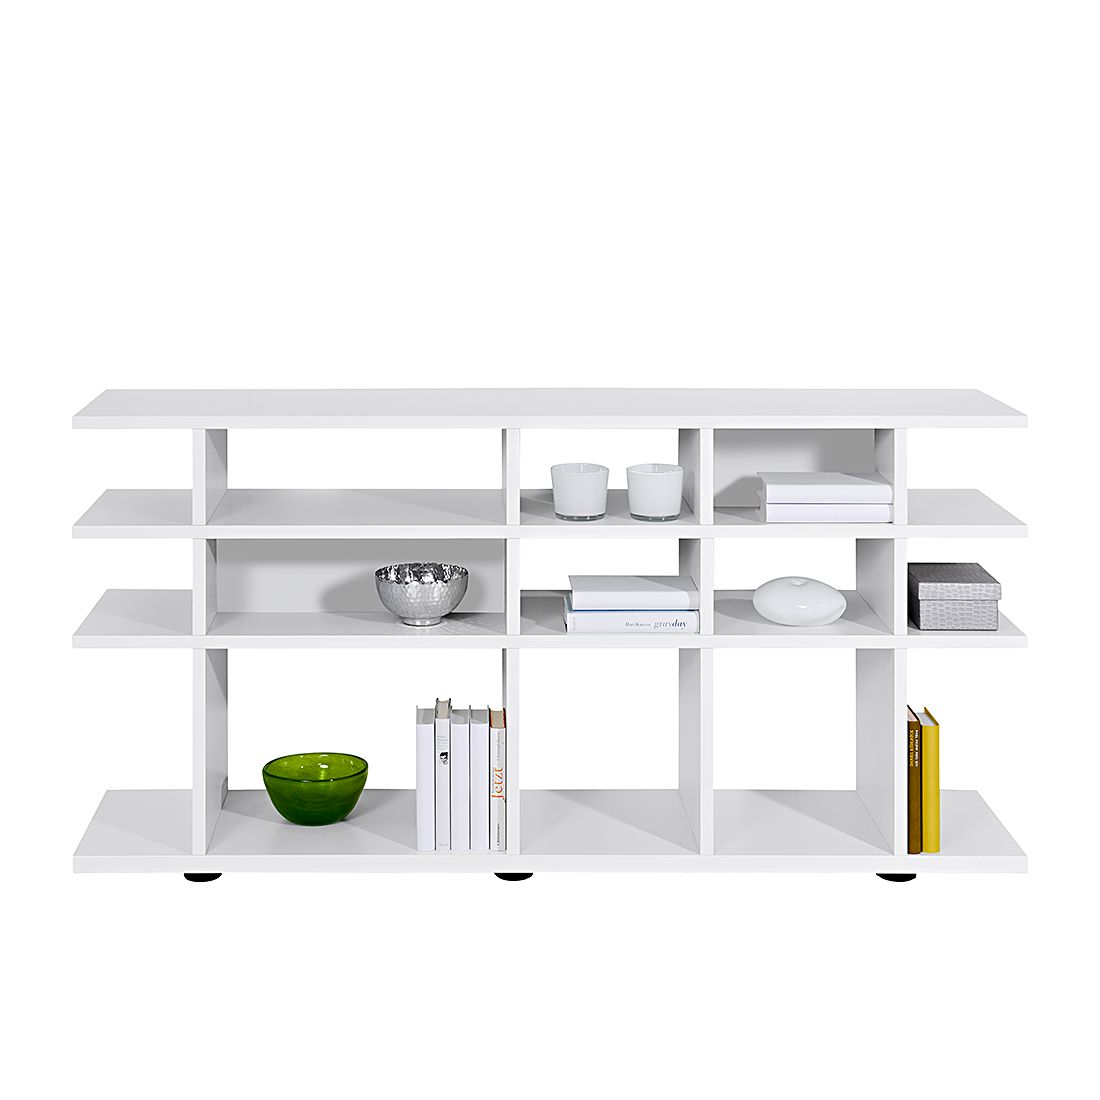 Raumteiler Arte M klein - Weiß